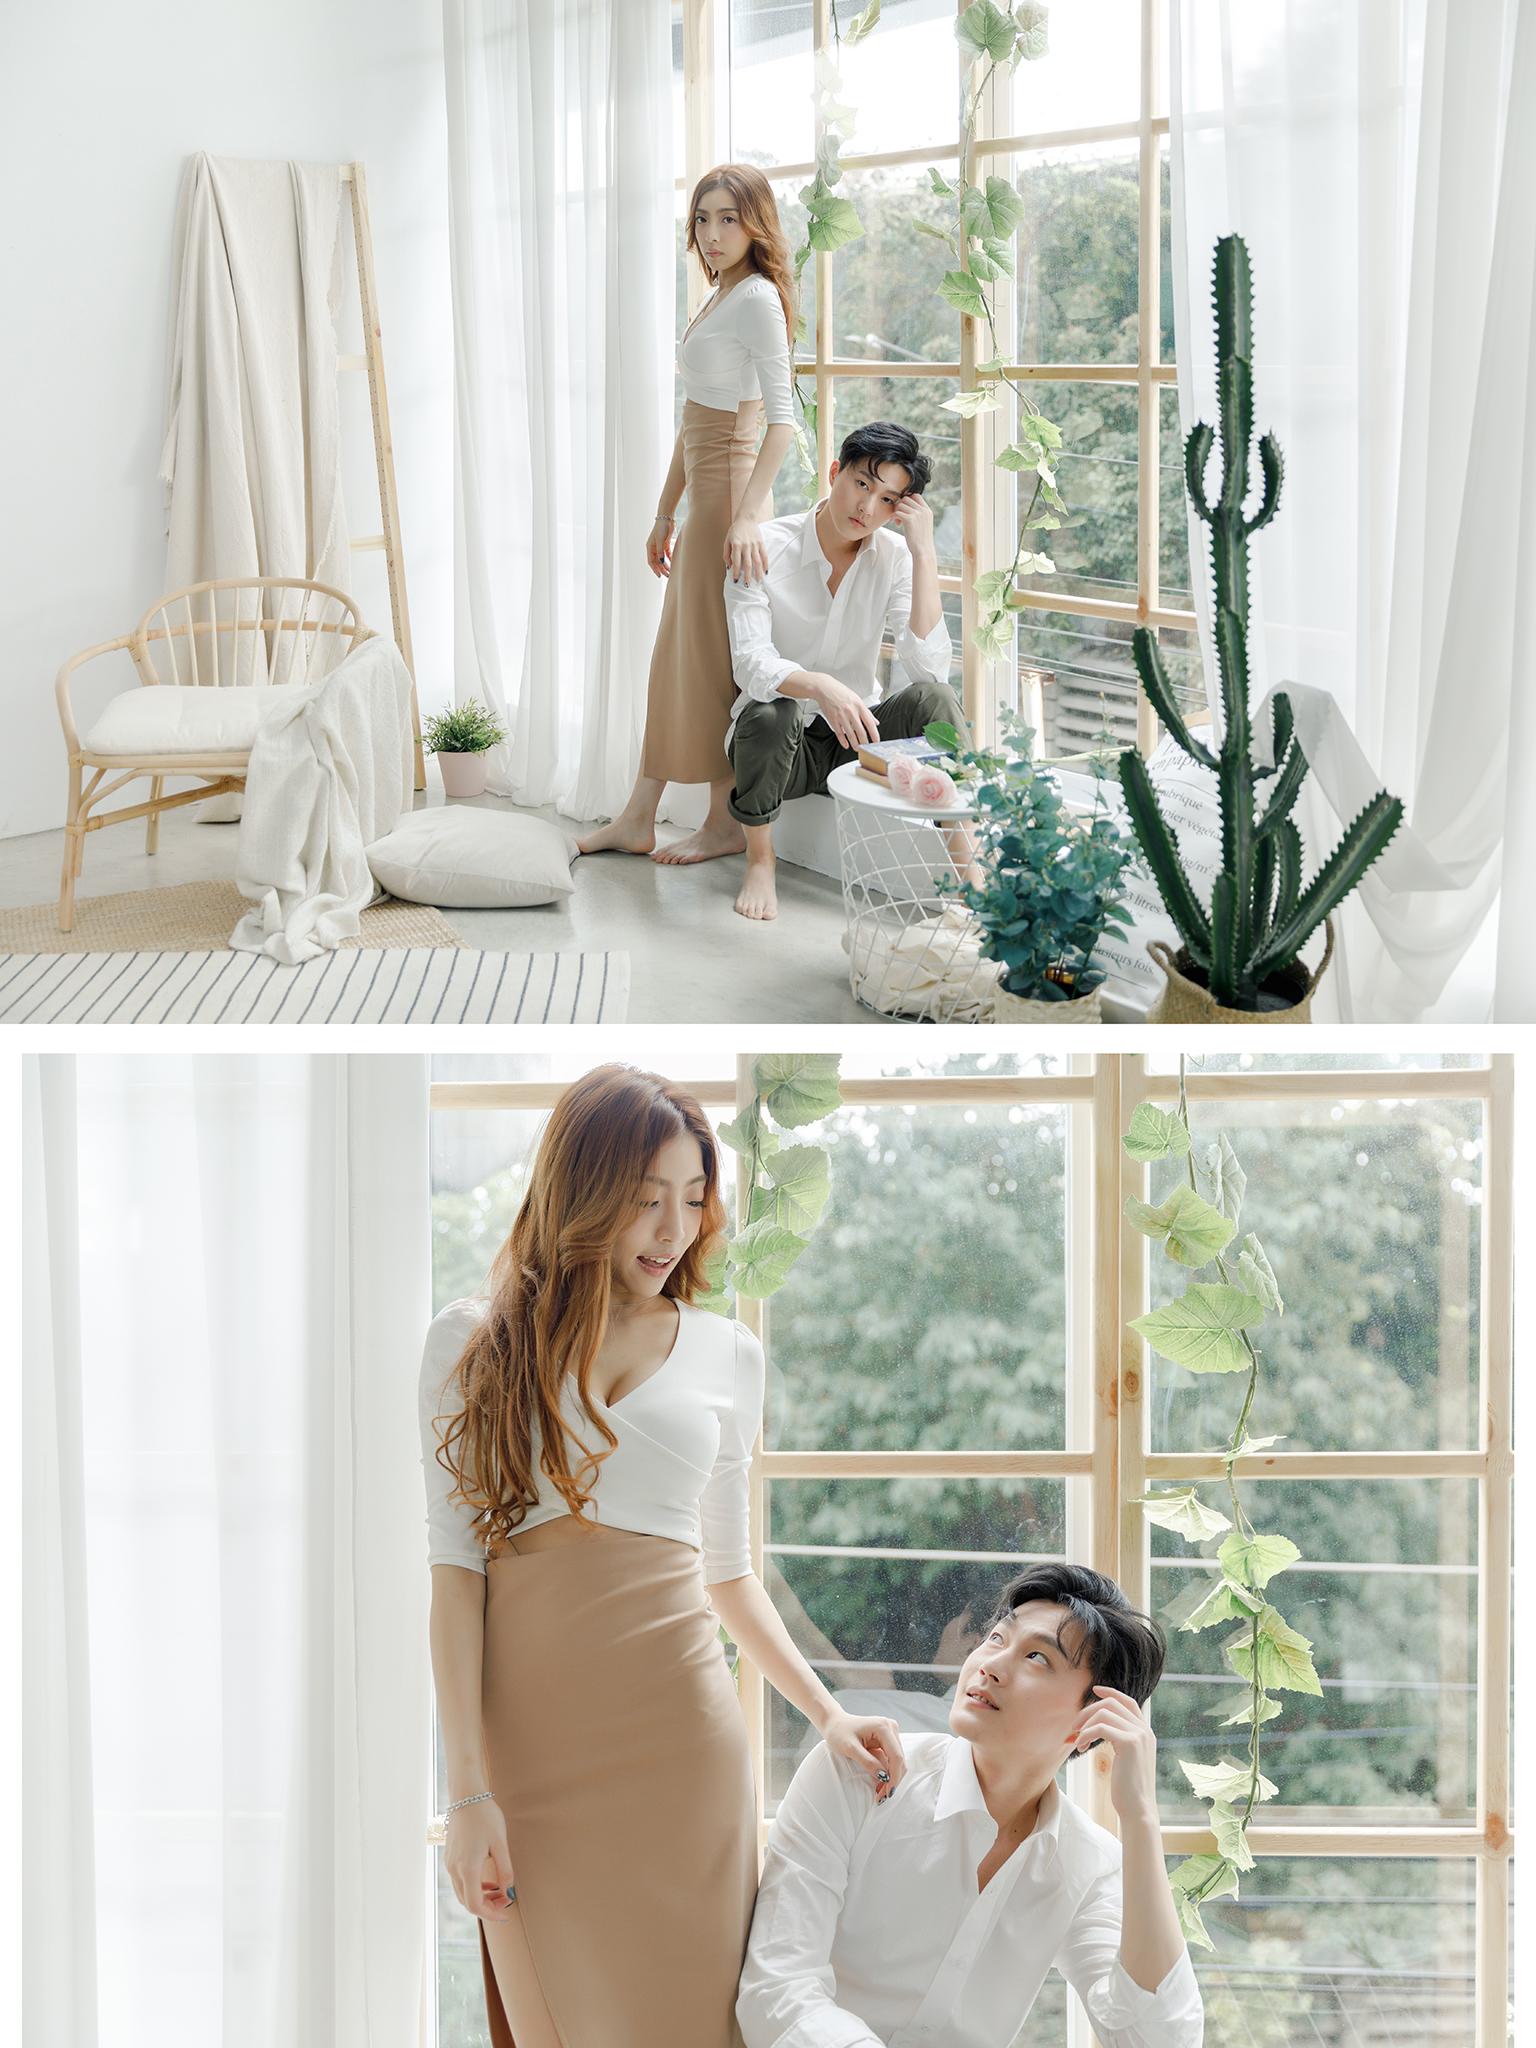 40858973633 29de9a7530 o - 【自主婚紗】+漢英&佳玲+